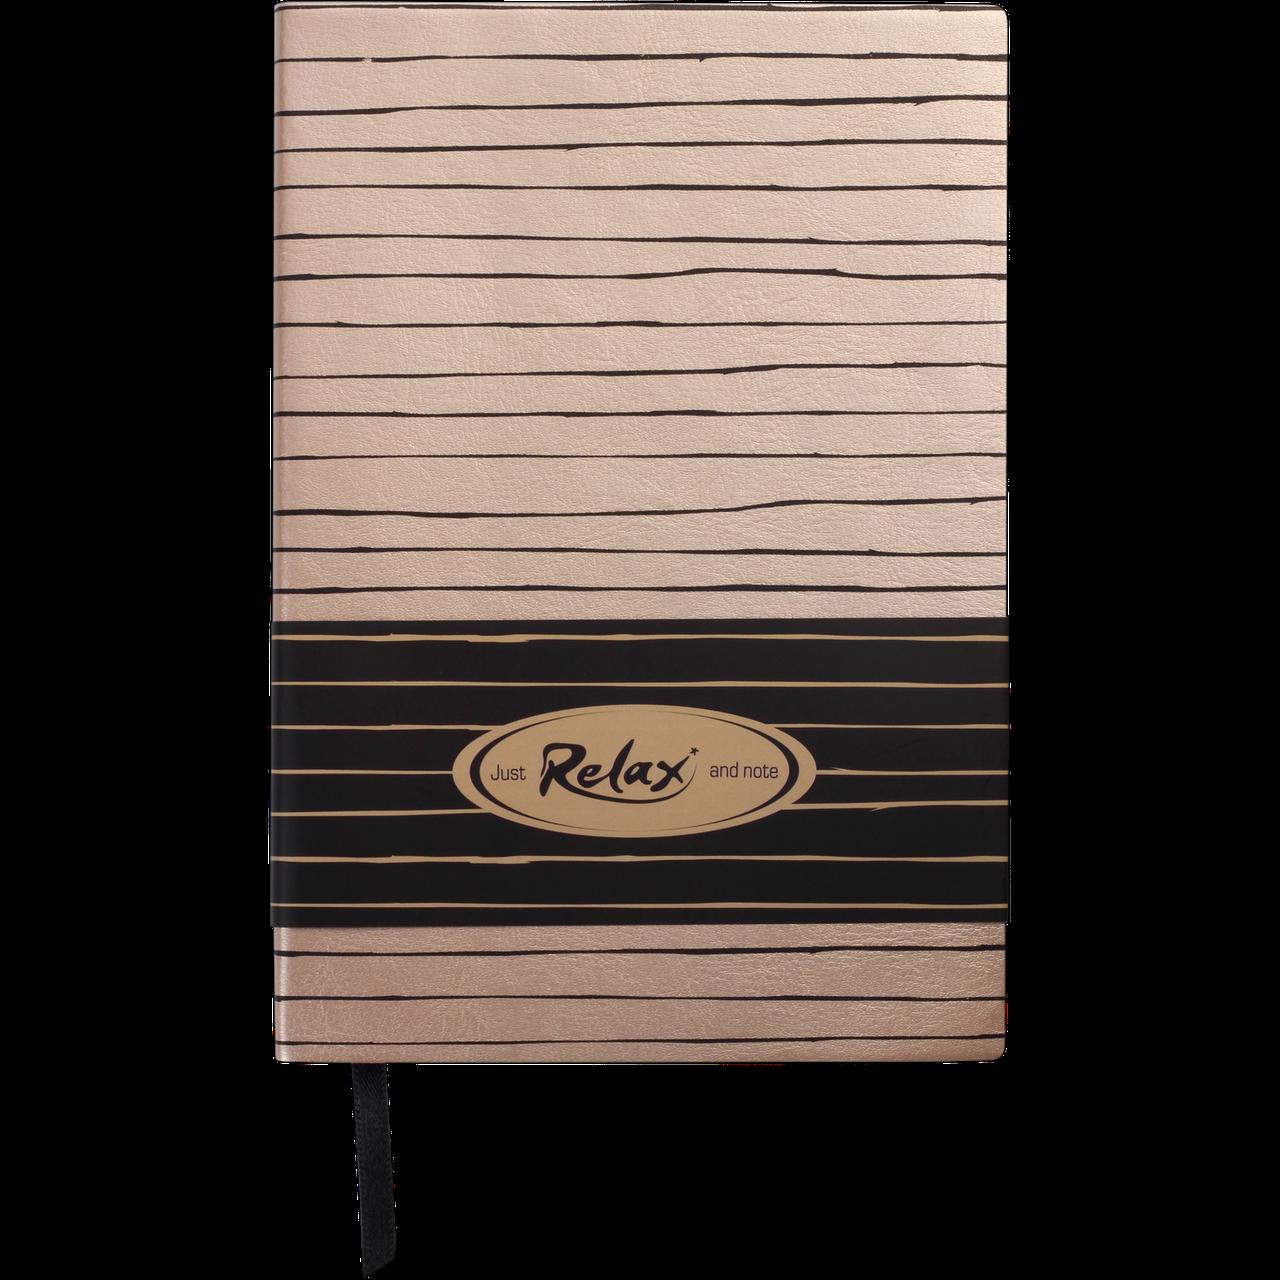 Блокнот деловой RELAX, А5, 96 л., линия, капучино, иск.кожа (BM.295201-32) buromax  (BM.295201-32)